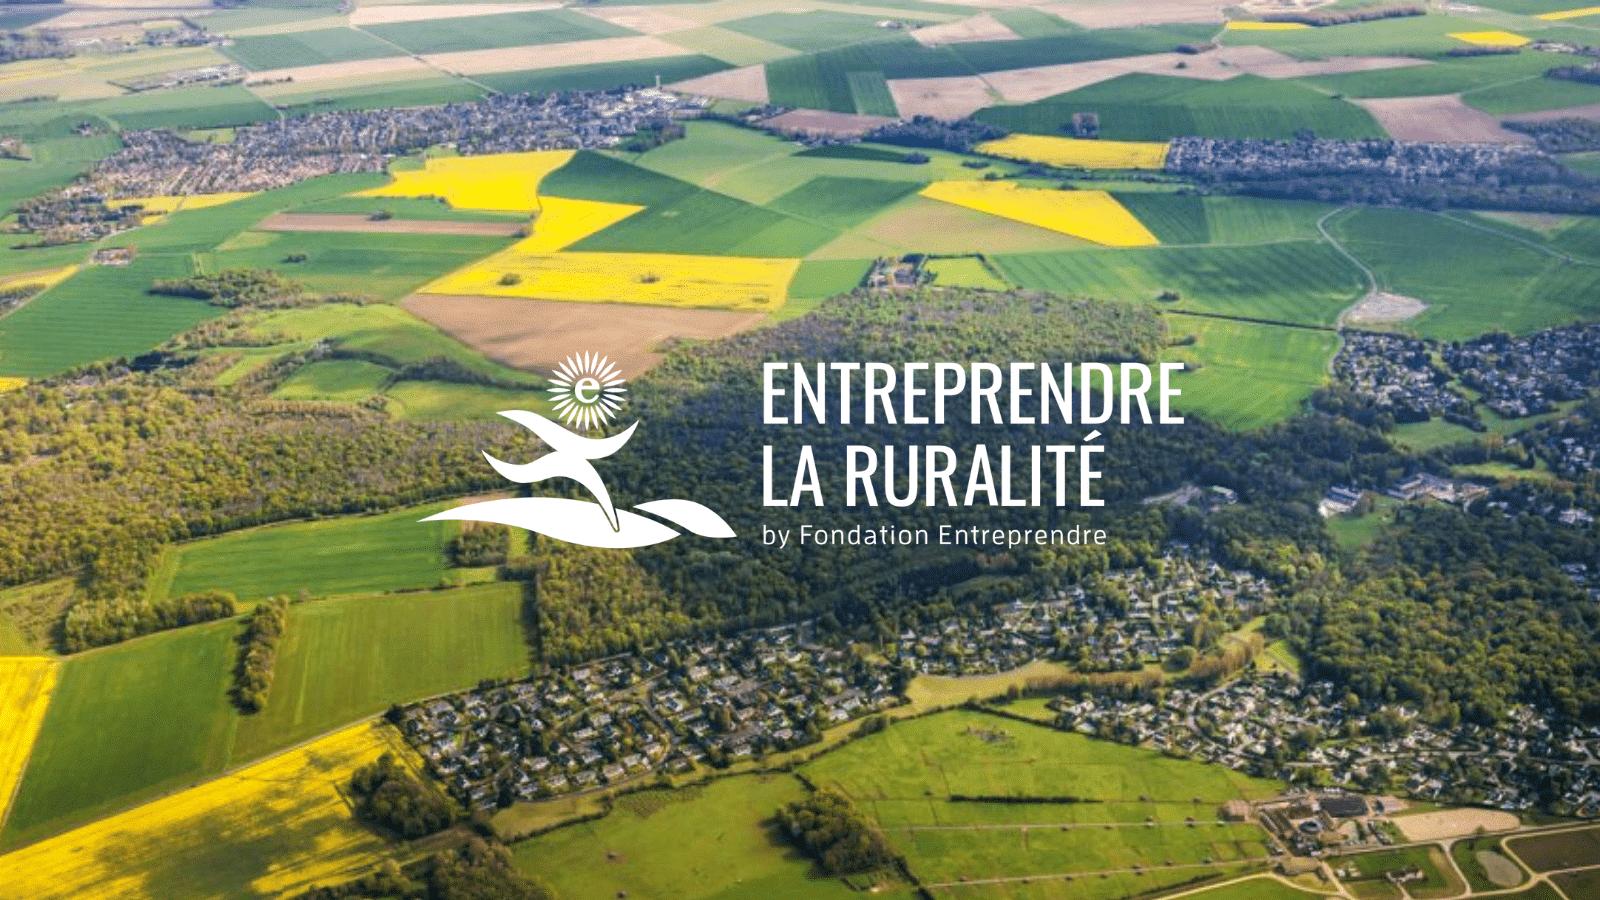 La Fondation Entreprendre lance l'appel à projets « Entreprendre la ruralité » qui vise à dynamiser les territoires ruraux en faisant émerger les dispositifs d'accompagnement à la création et au développement d'entreprises ayant un impact économique, social et environnemental local.